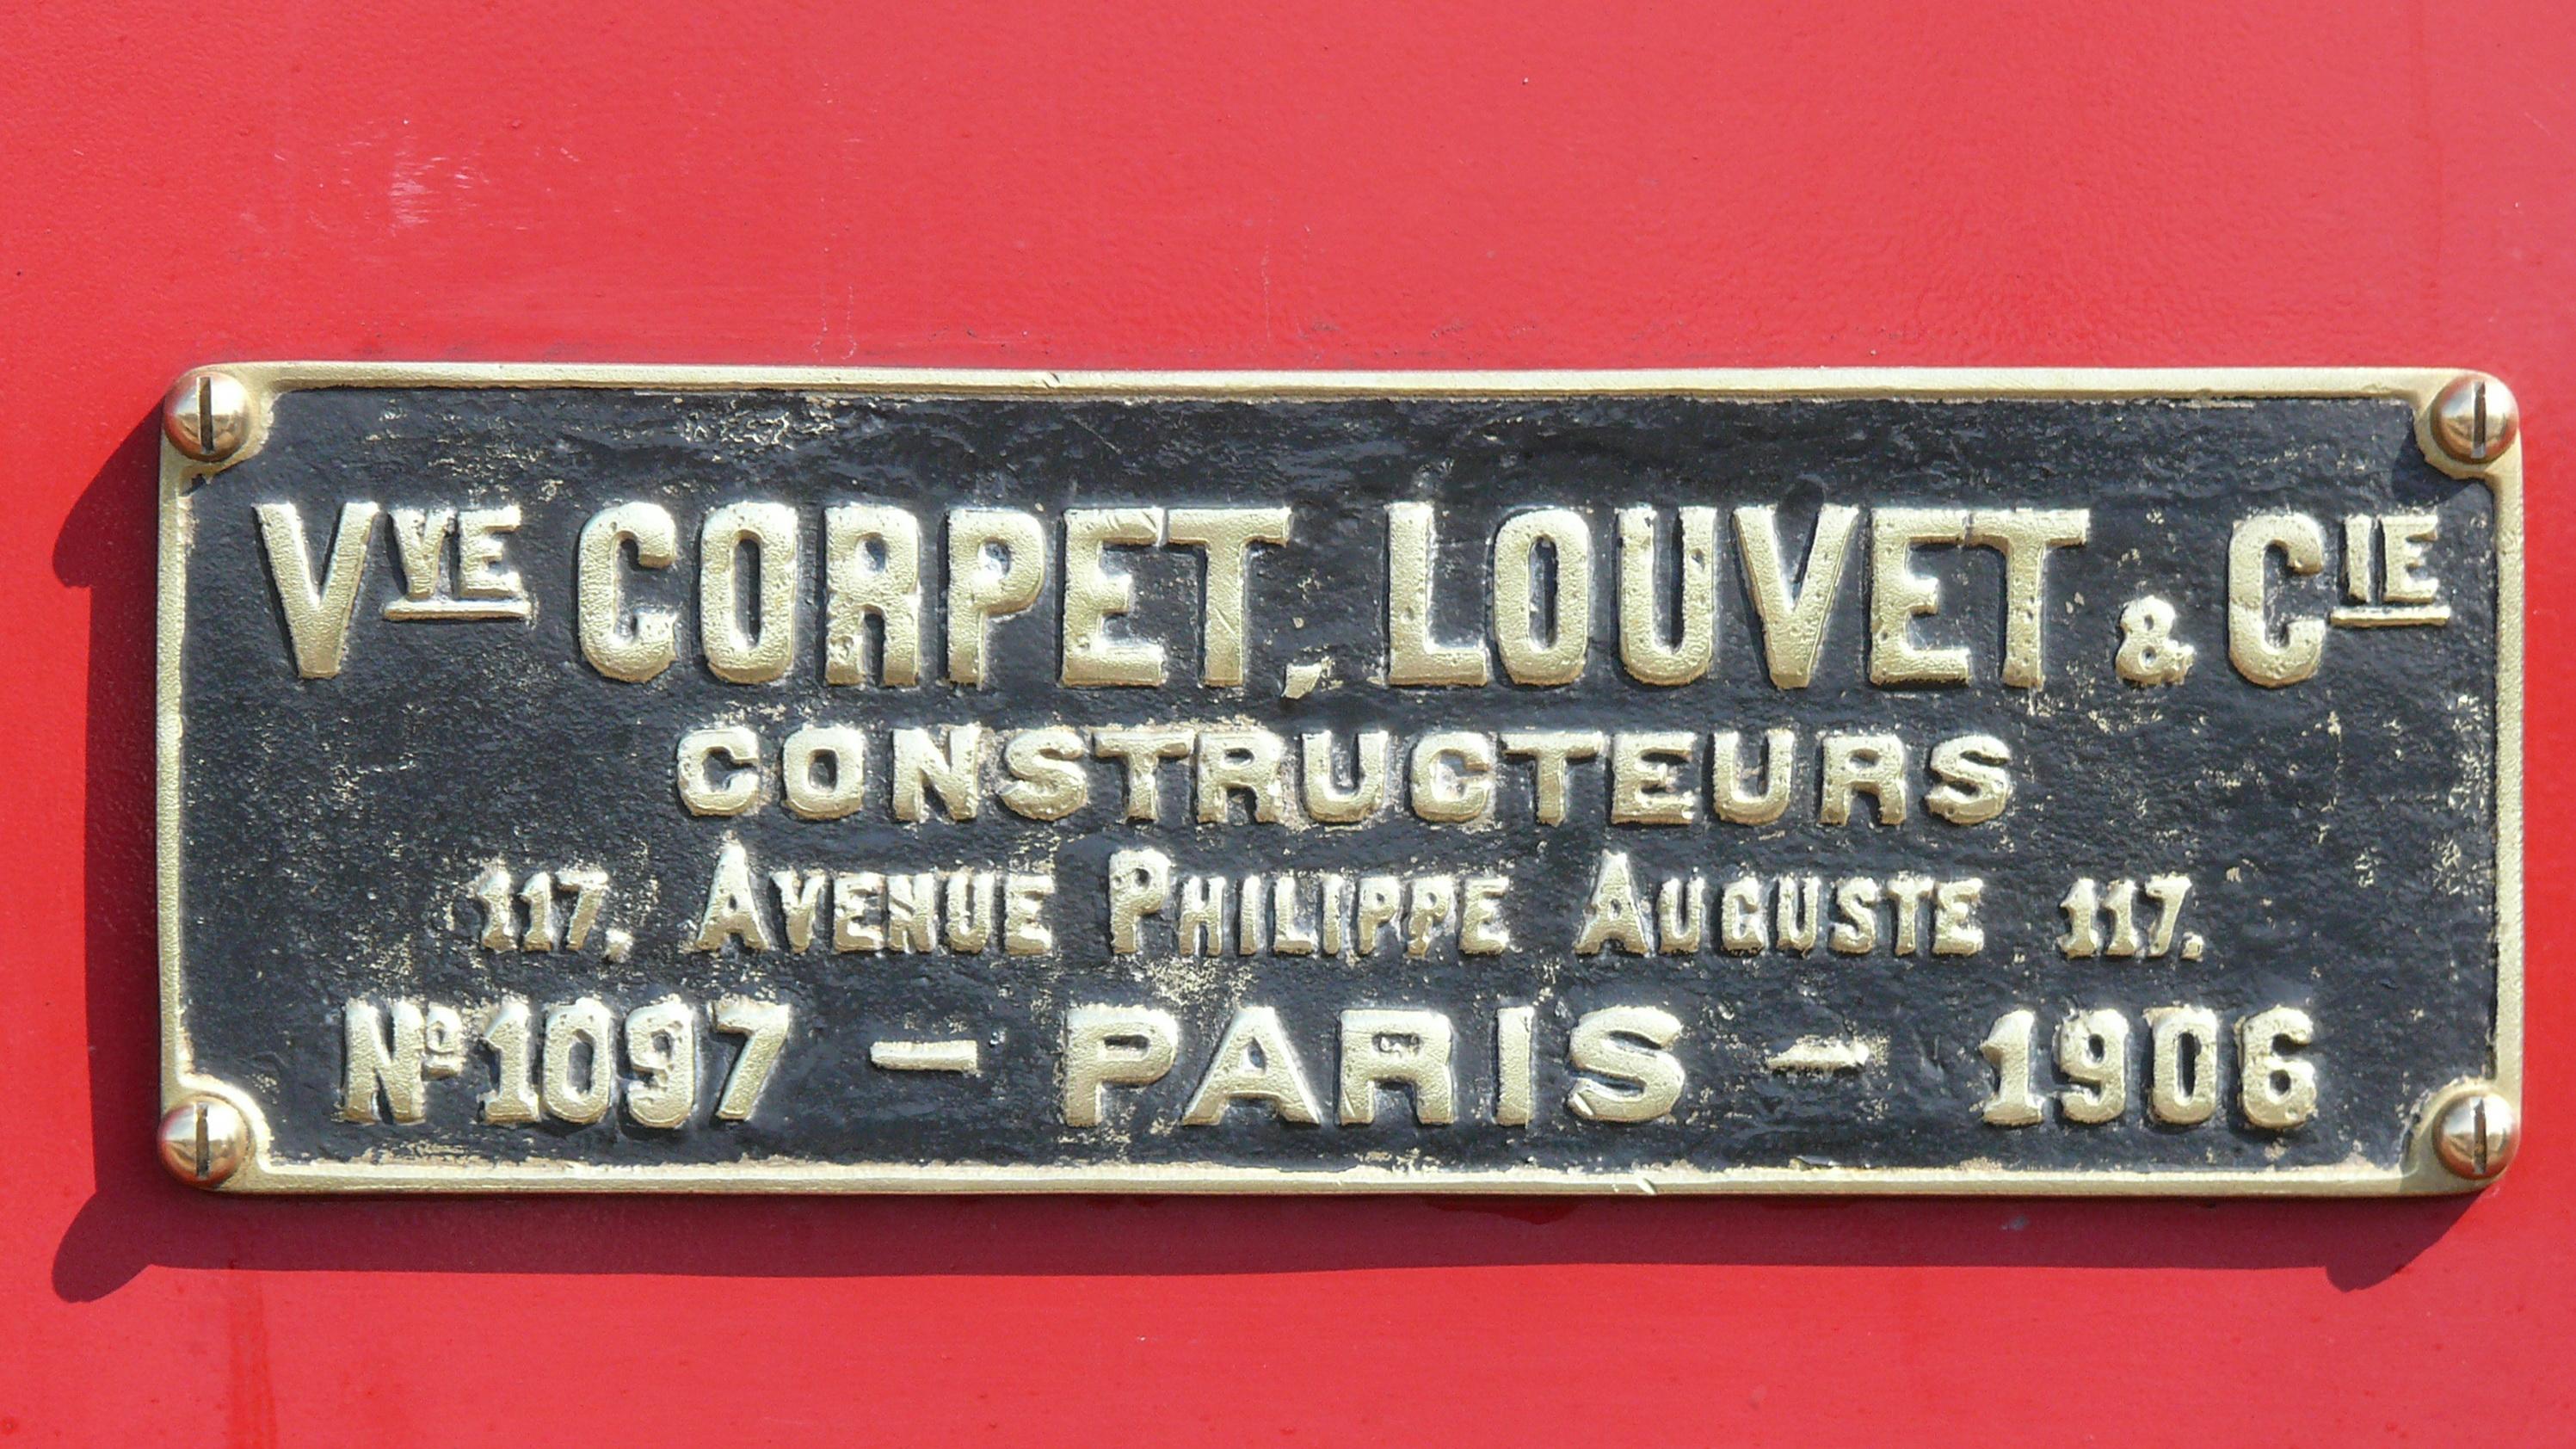 File:Corpet-Louvet N°1097 CDA N°1 Plaque de constructeur.